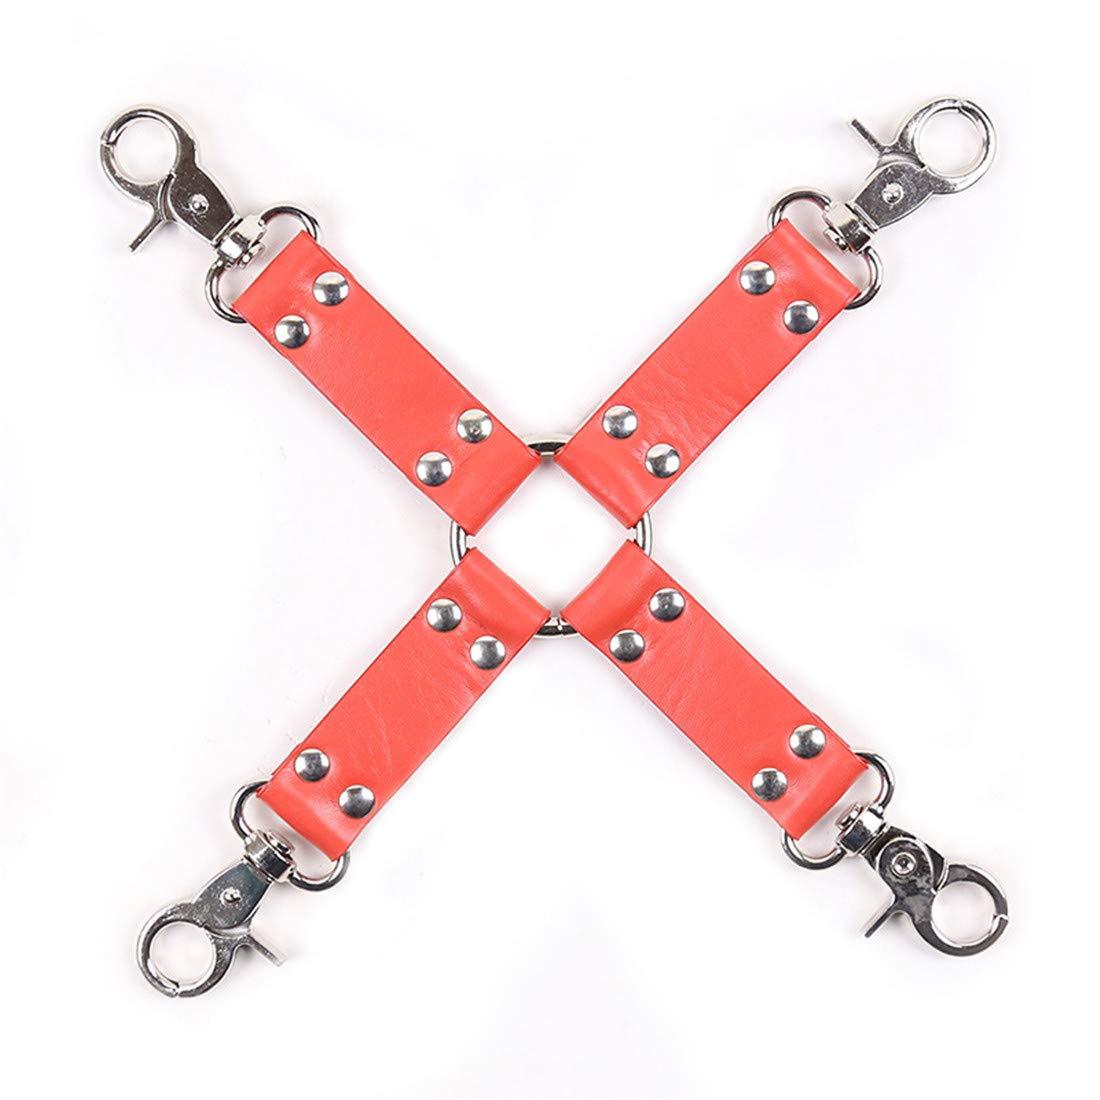 Hemotrade Los Juguetes eróticos de la esclavitud, Esponja esposan el de Cuero Atractivo de el la Hebilla Cruzada del Tobillo para los Pares (Color : Red) efe966